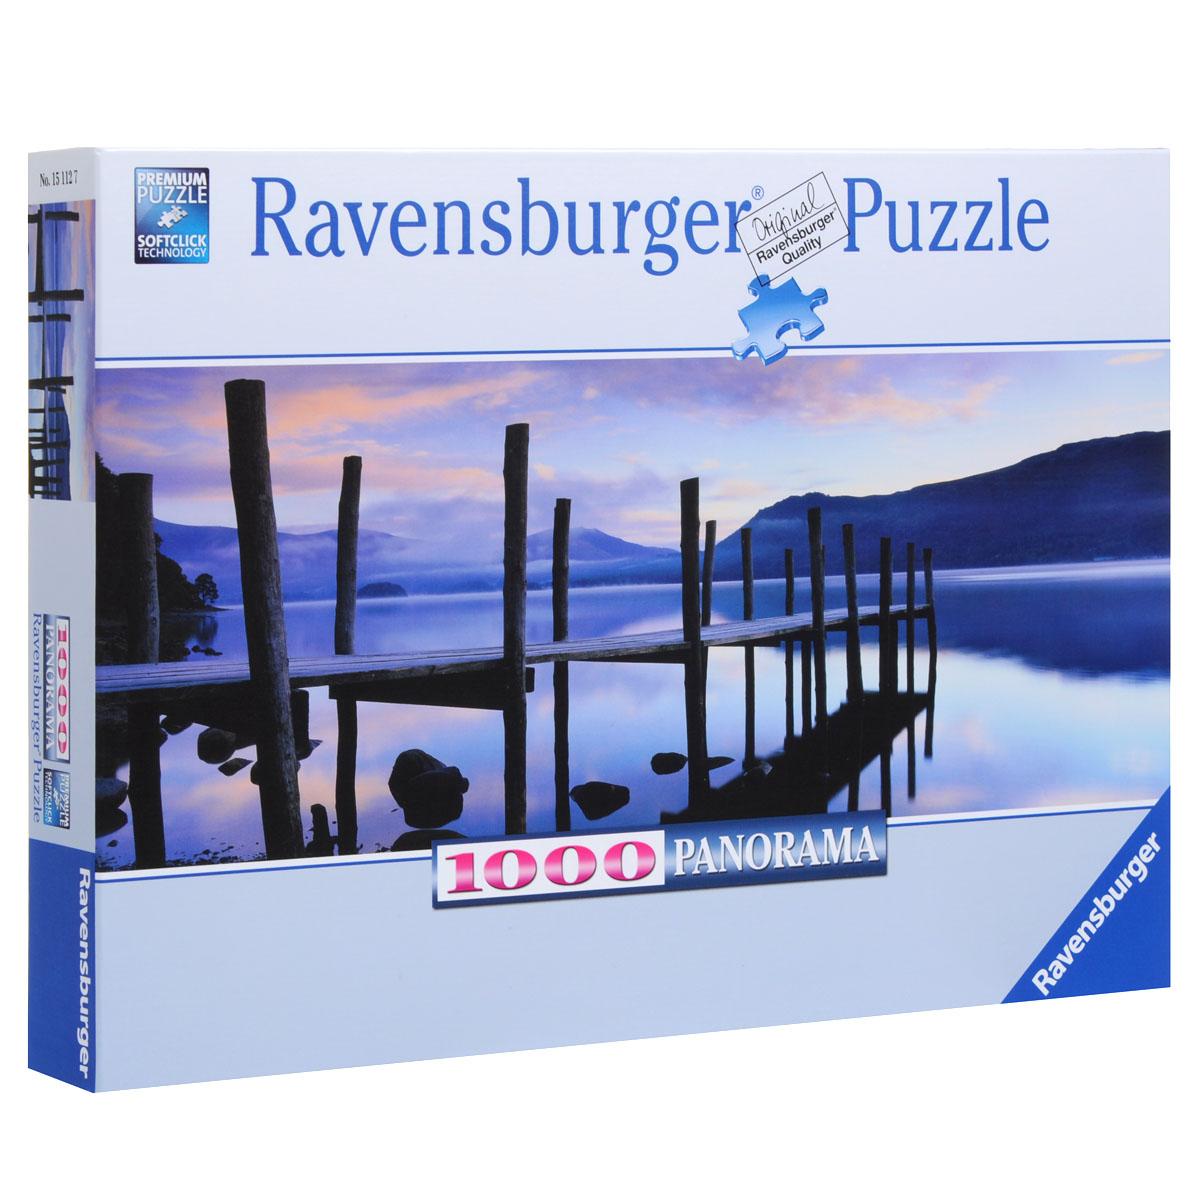 Ravensburger Идиллия на озере. Пазл панорамный, 1000 элементов